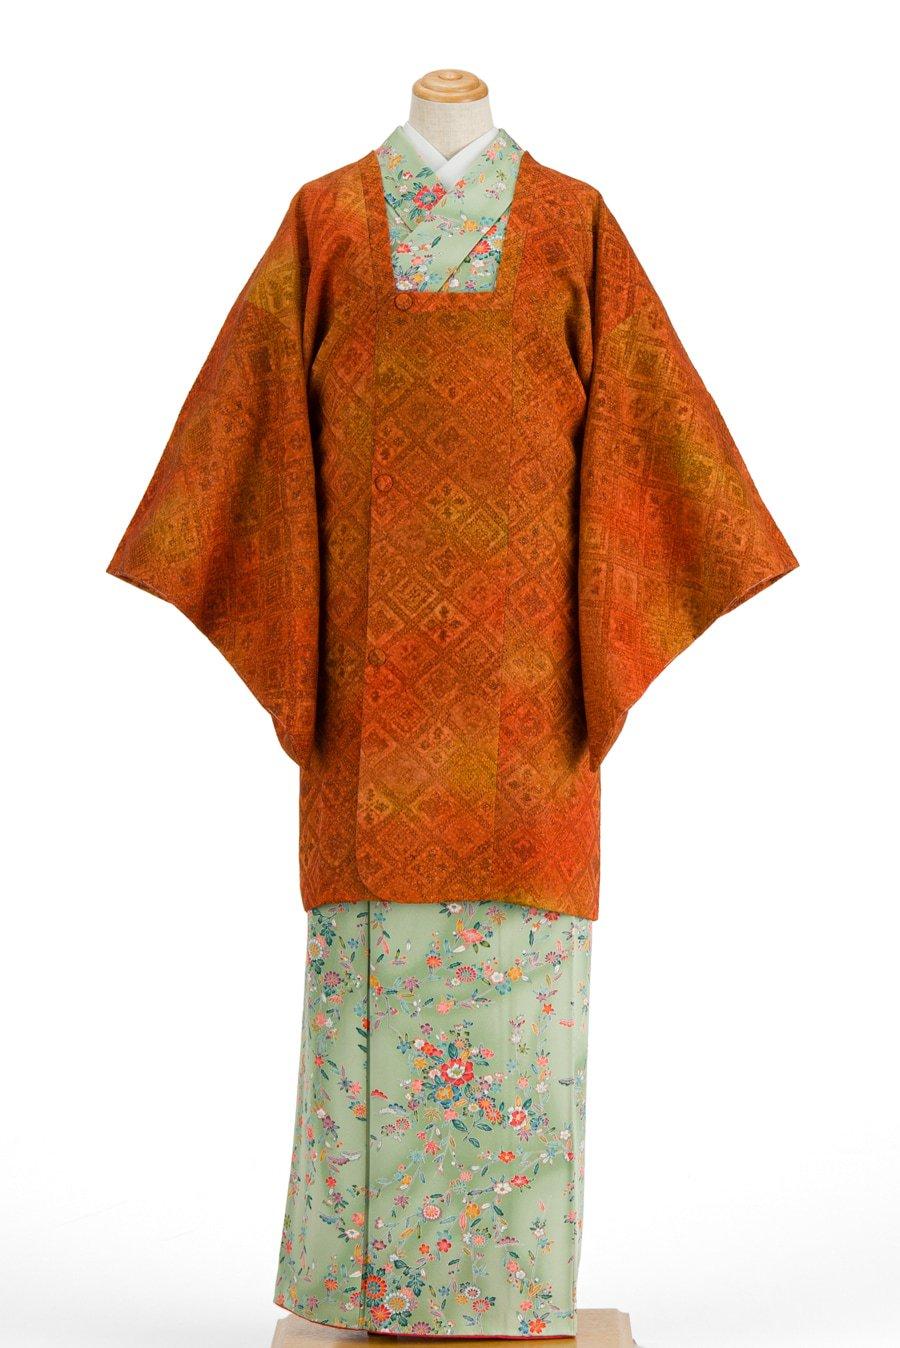 「道行コート 膨れ織りの菱模様」の商品画像